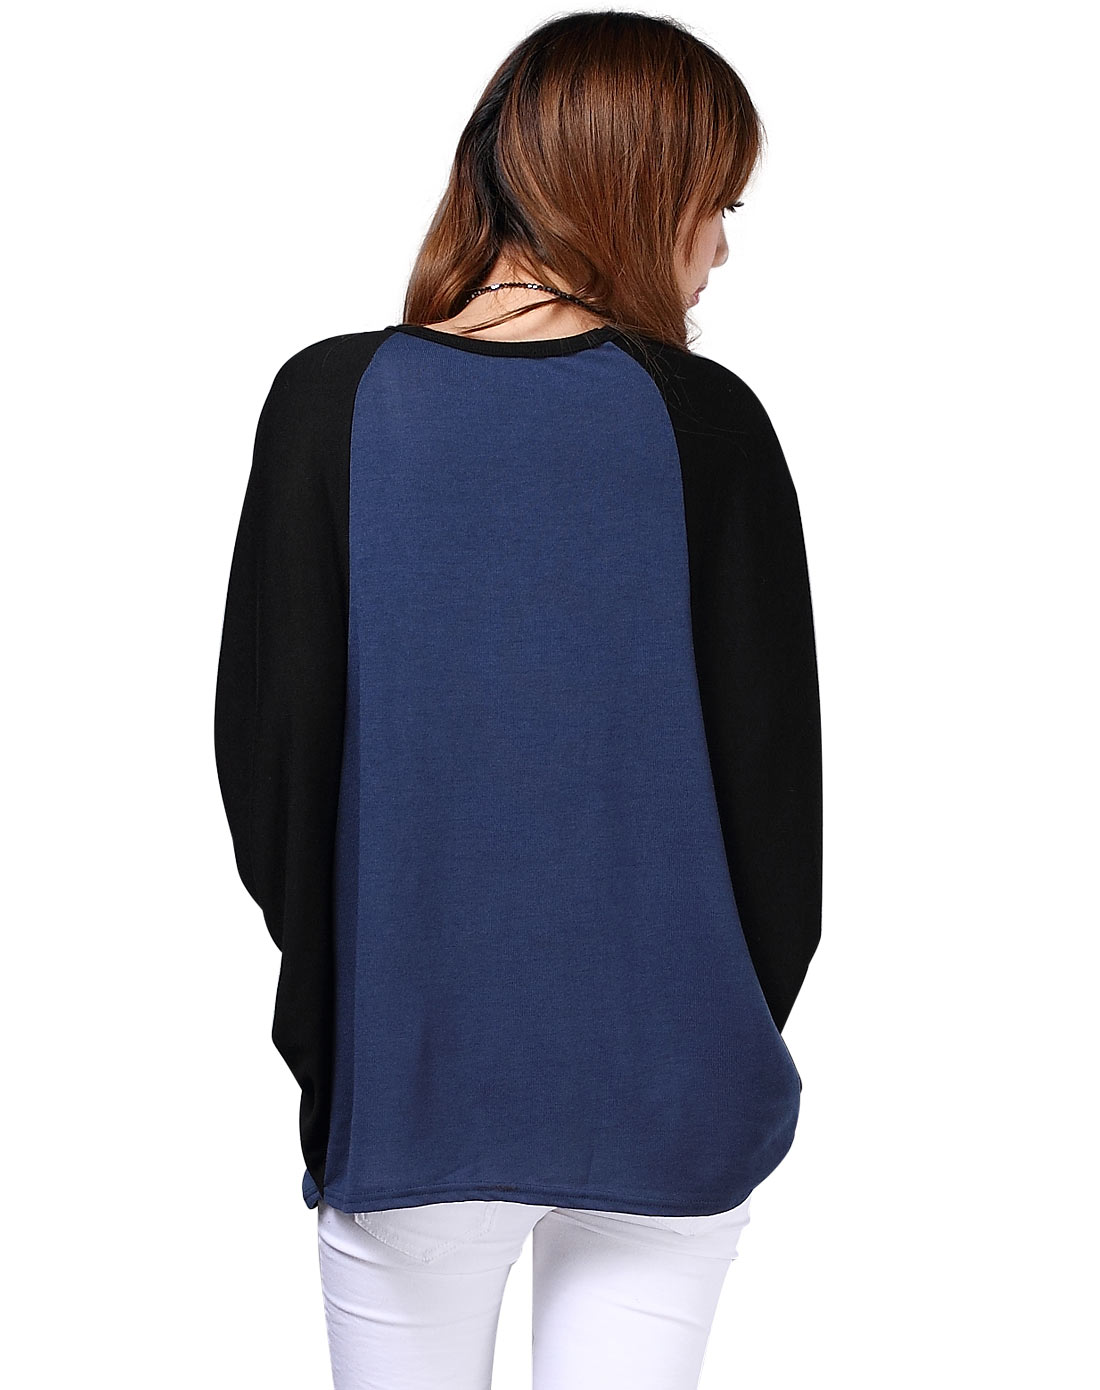 深蓝撞色拼接蝙蝠袖针织衫